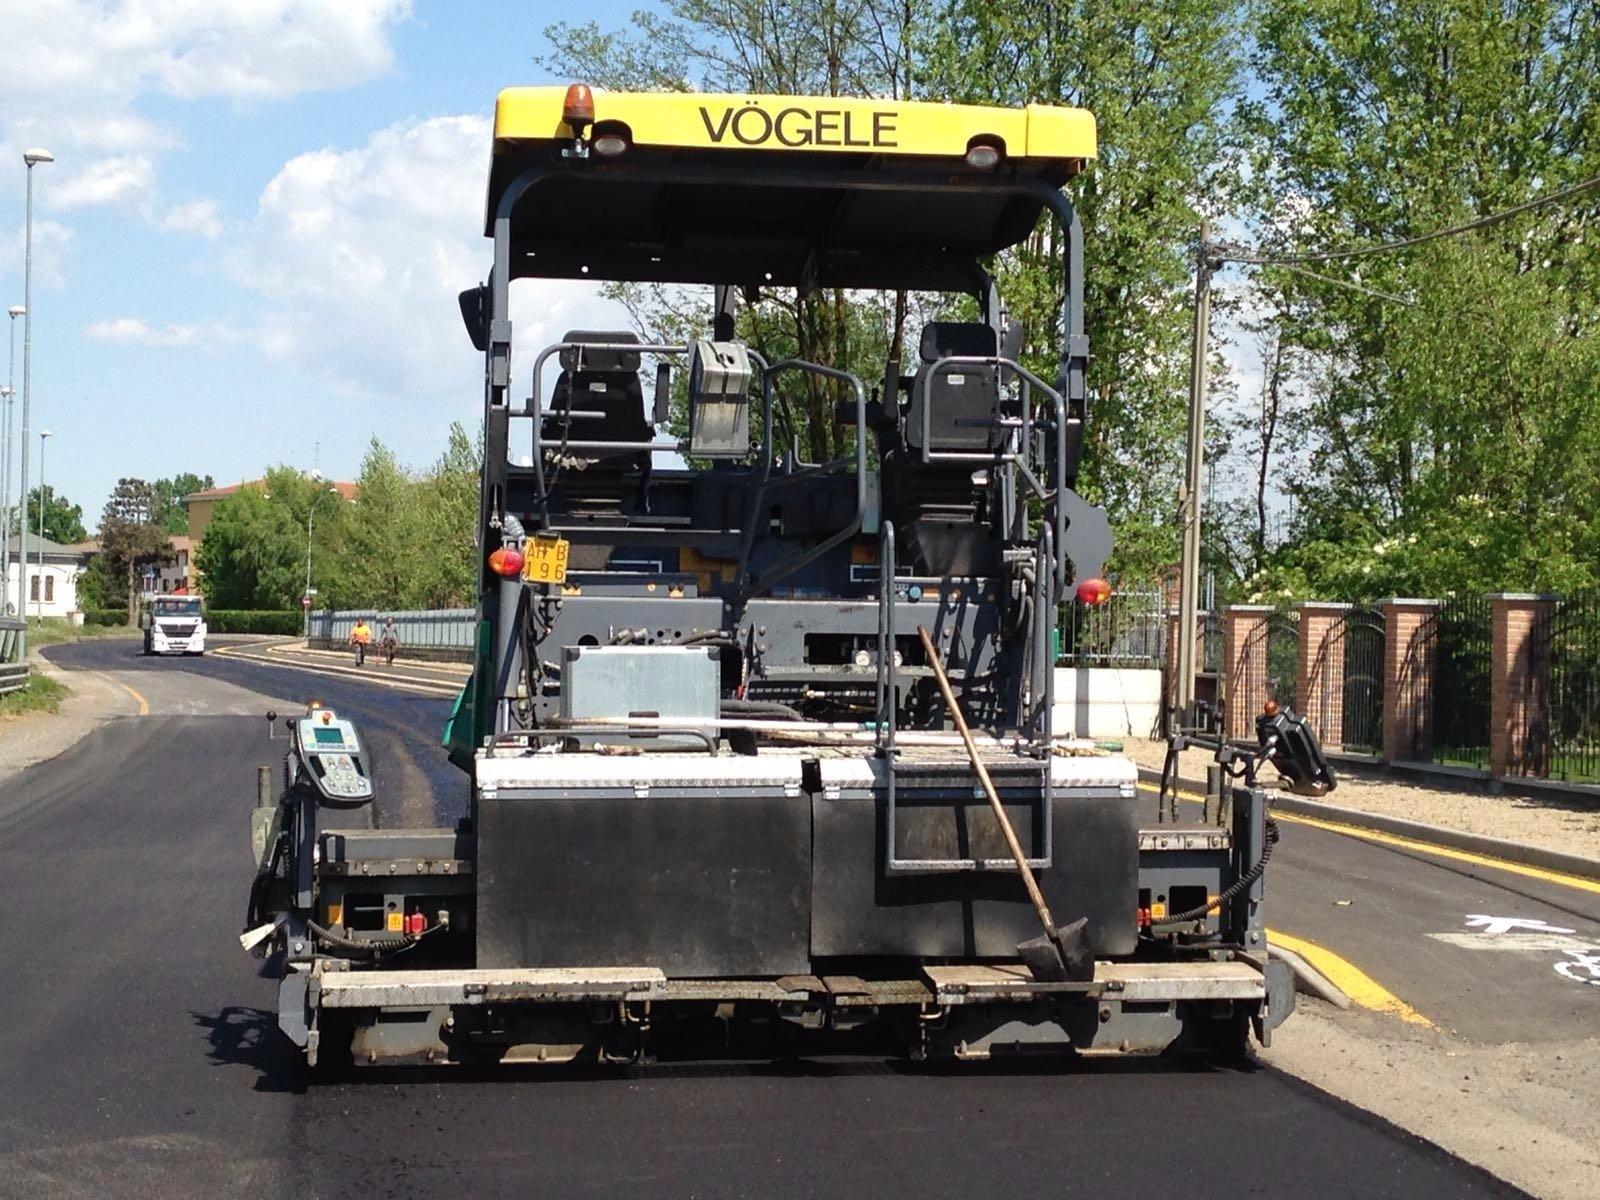 operai durante un lavoro di asfaltamento